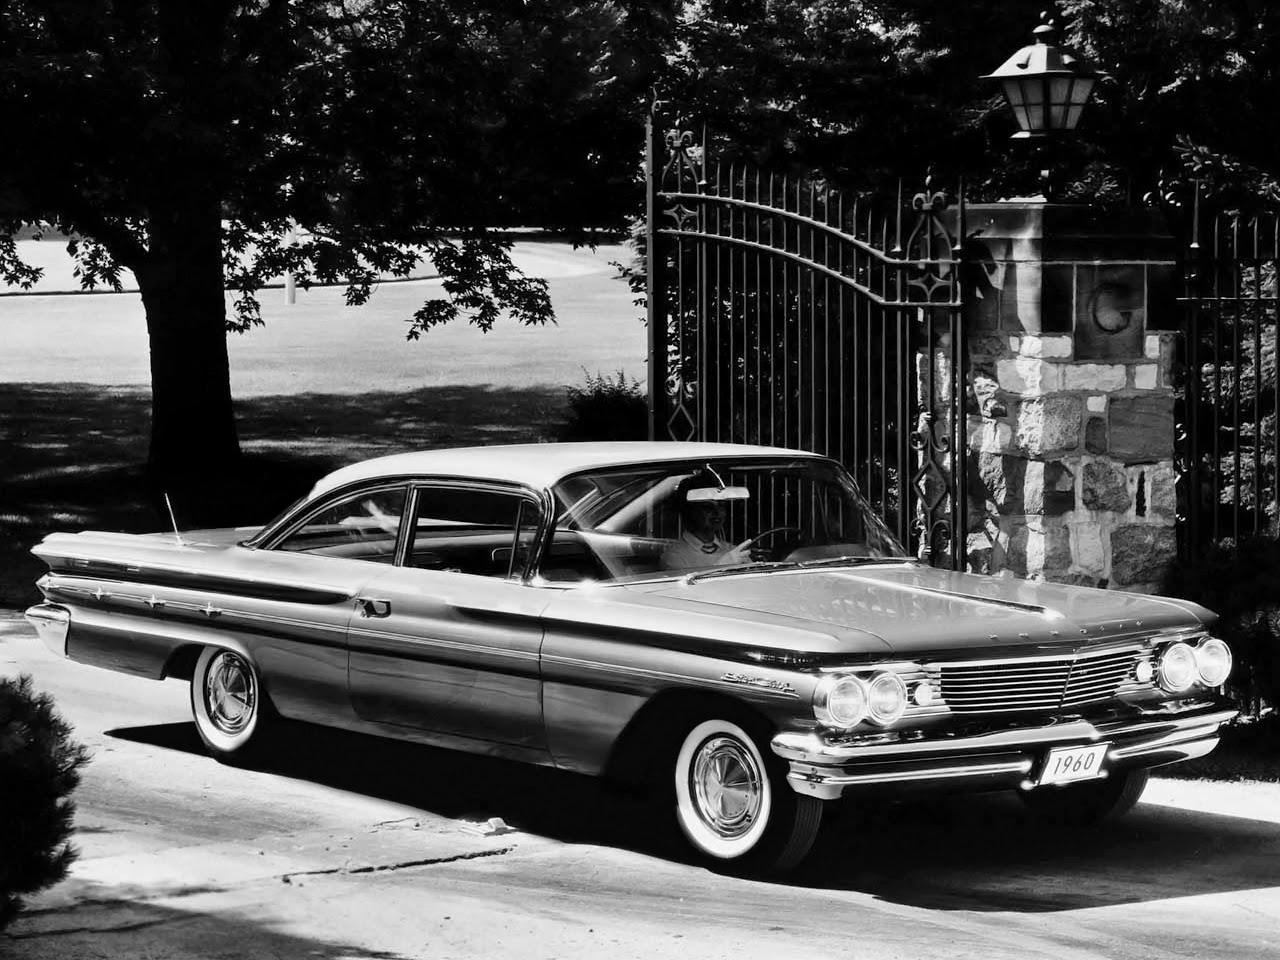 Autos Classiques Pontiac 1960 Star Chief Une Nouvelle Srie Caractre Sportif La Ventura Est Propsoe Pour Suisse Gamme Comprend Les Modles Sedan Et Coup